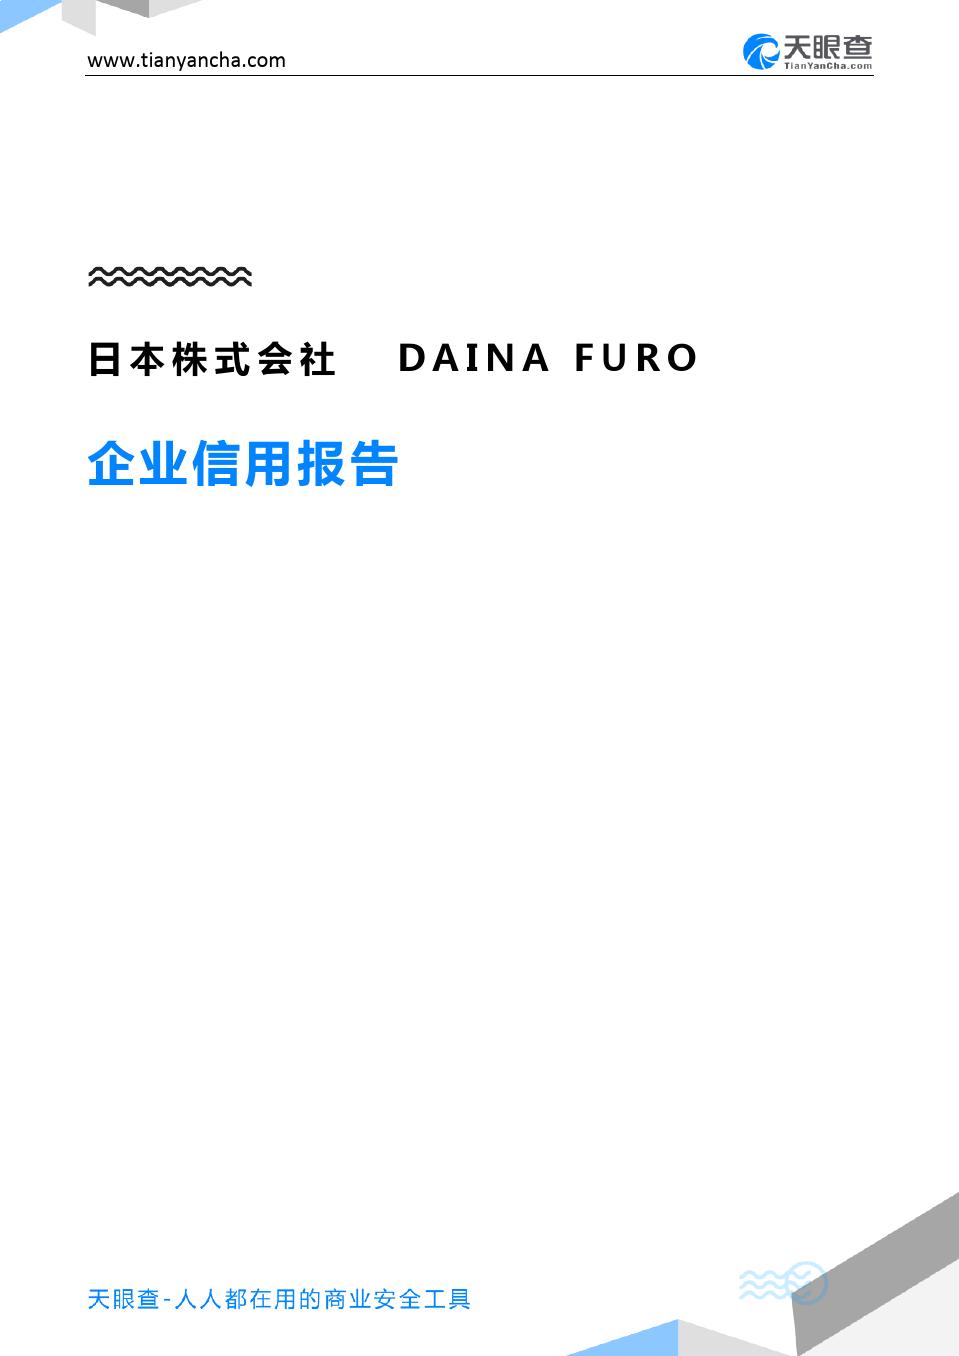 日本株式会社DAINA FURO企业信用报告-天眼查